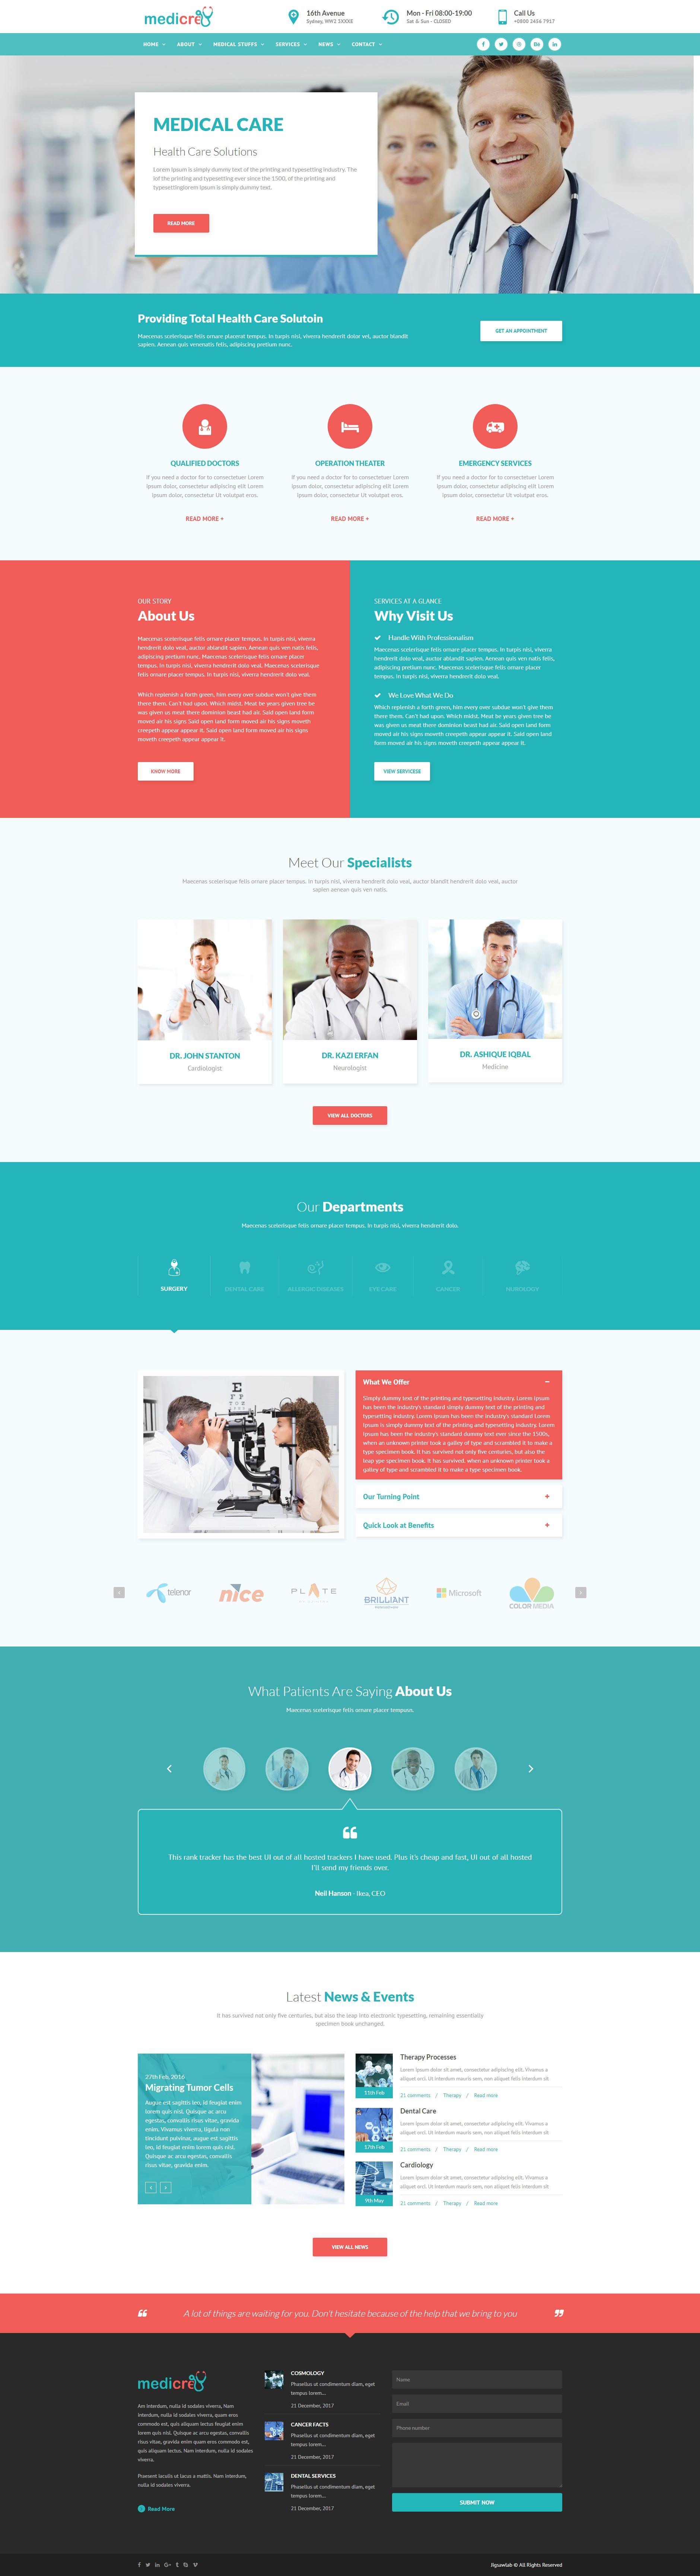 绿色的医院医疗健康行业网站html模板